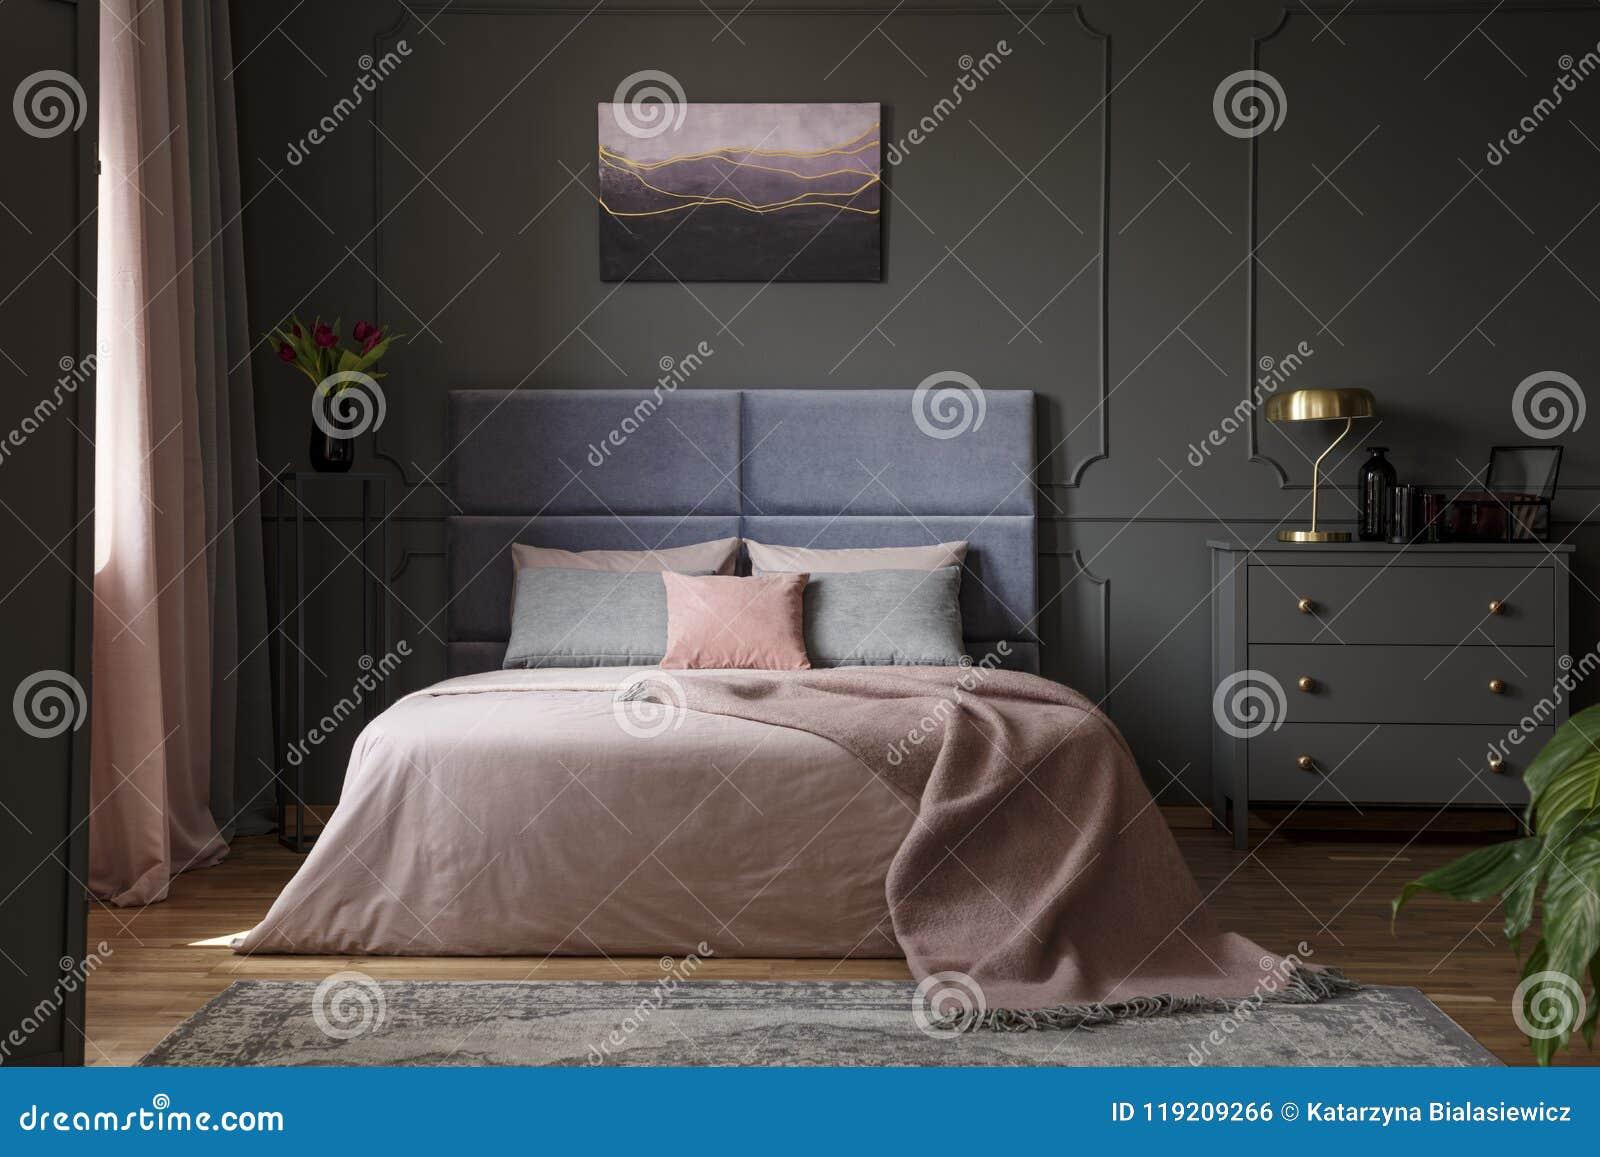 Pittura camera ooxjggbcg dipinto a mano olio decorazione da letto xuan guan with pittura camera - Camera da letto del papa ...